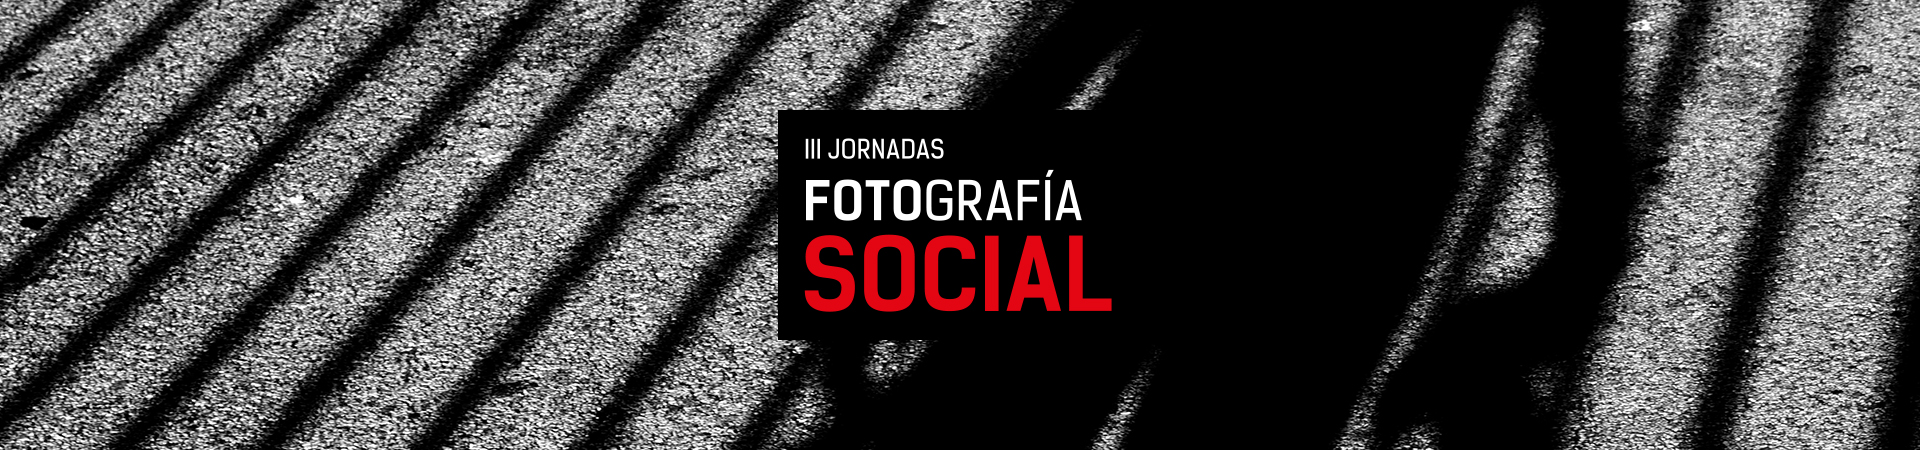 III Jornades de Fotografia Social